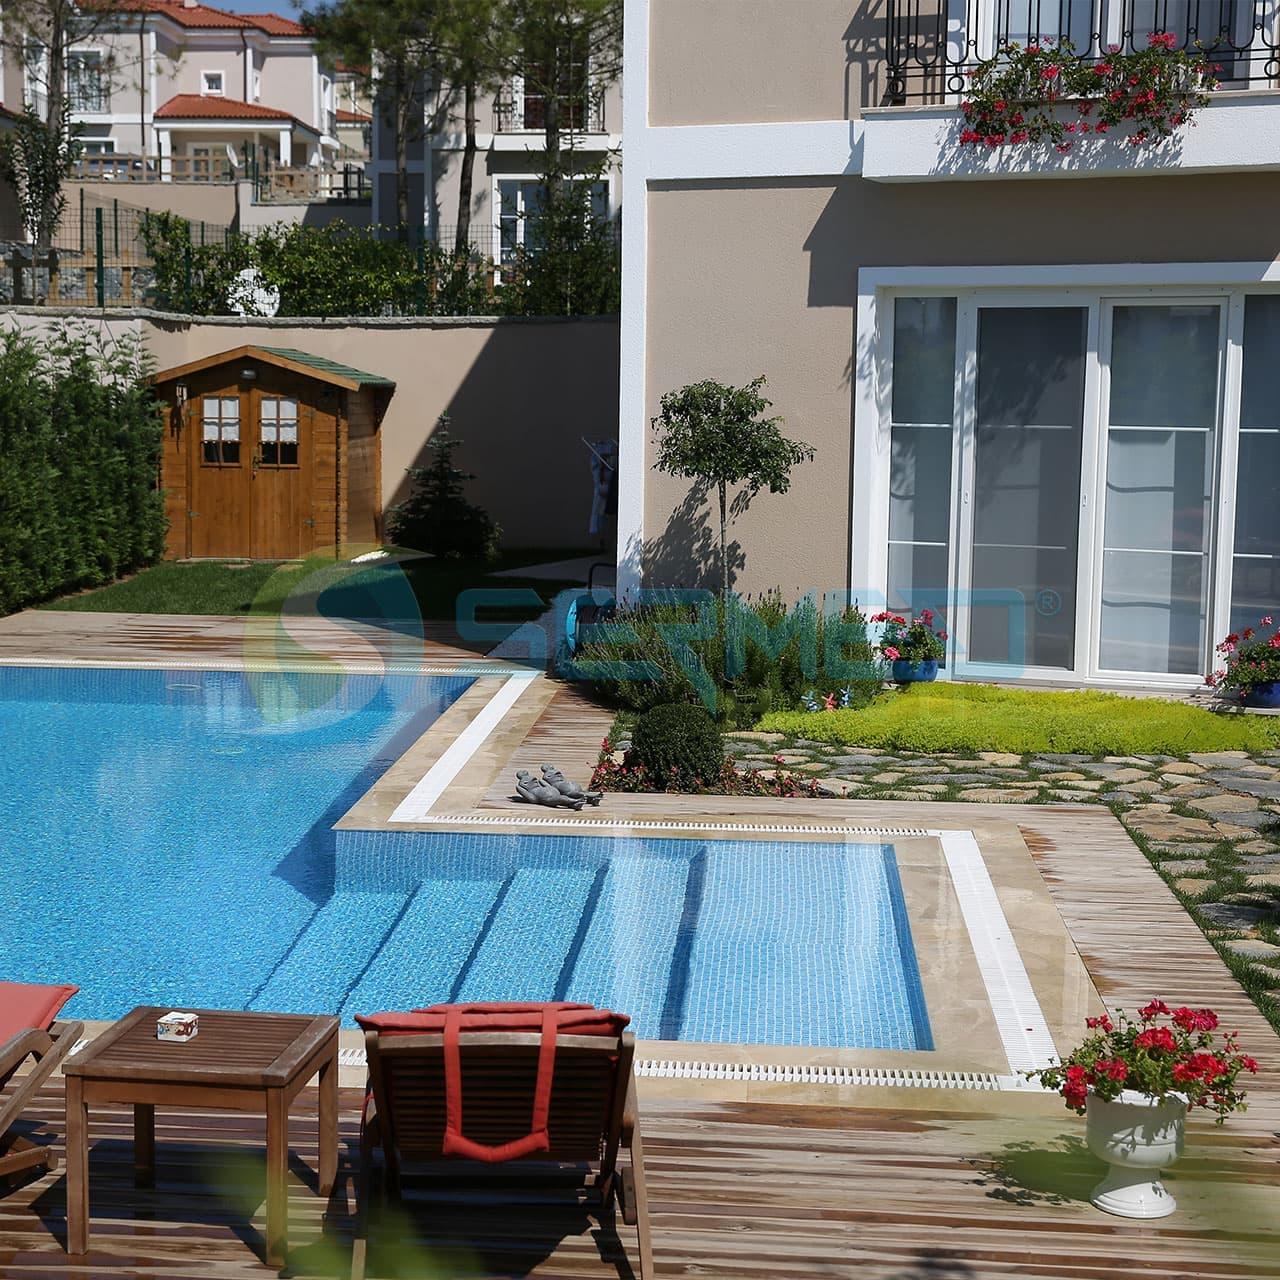 İstanbul Neo Gölpark Fipool Taşmalı Panel Havuz uygulaması Sermed Havuz Firması tarafından yapıldı.